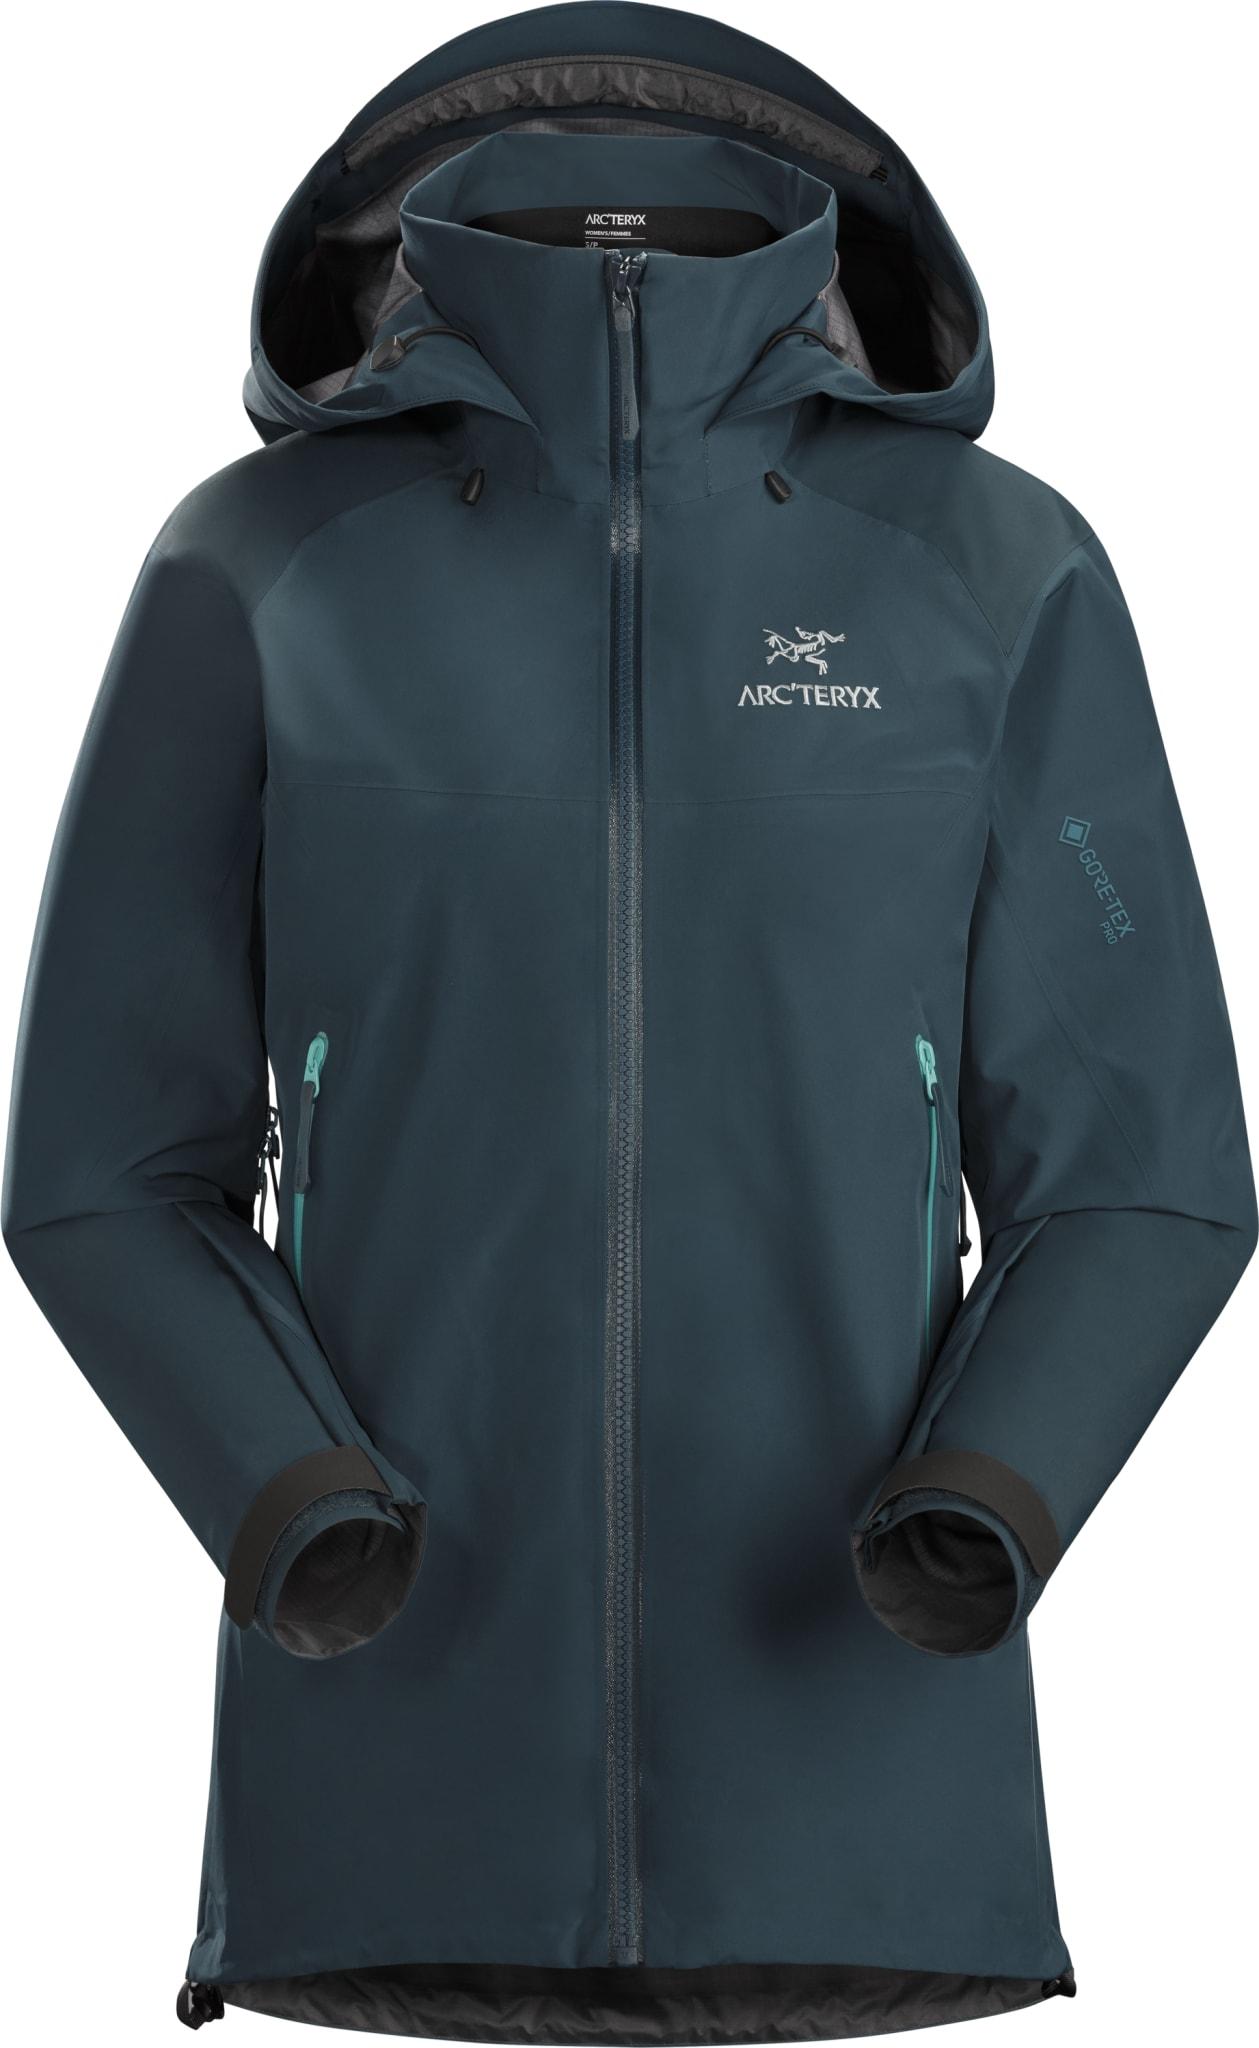 Vanntett og lett, og slitesterk jakke perfekt for allround friluftsliv